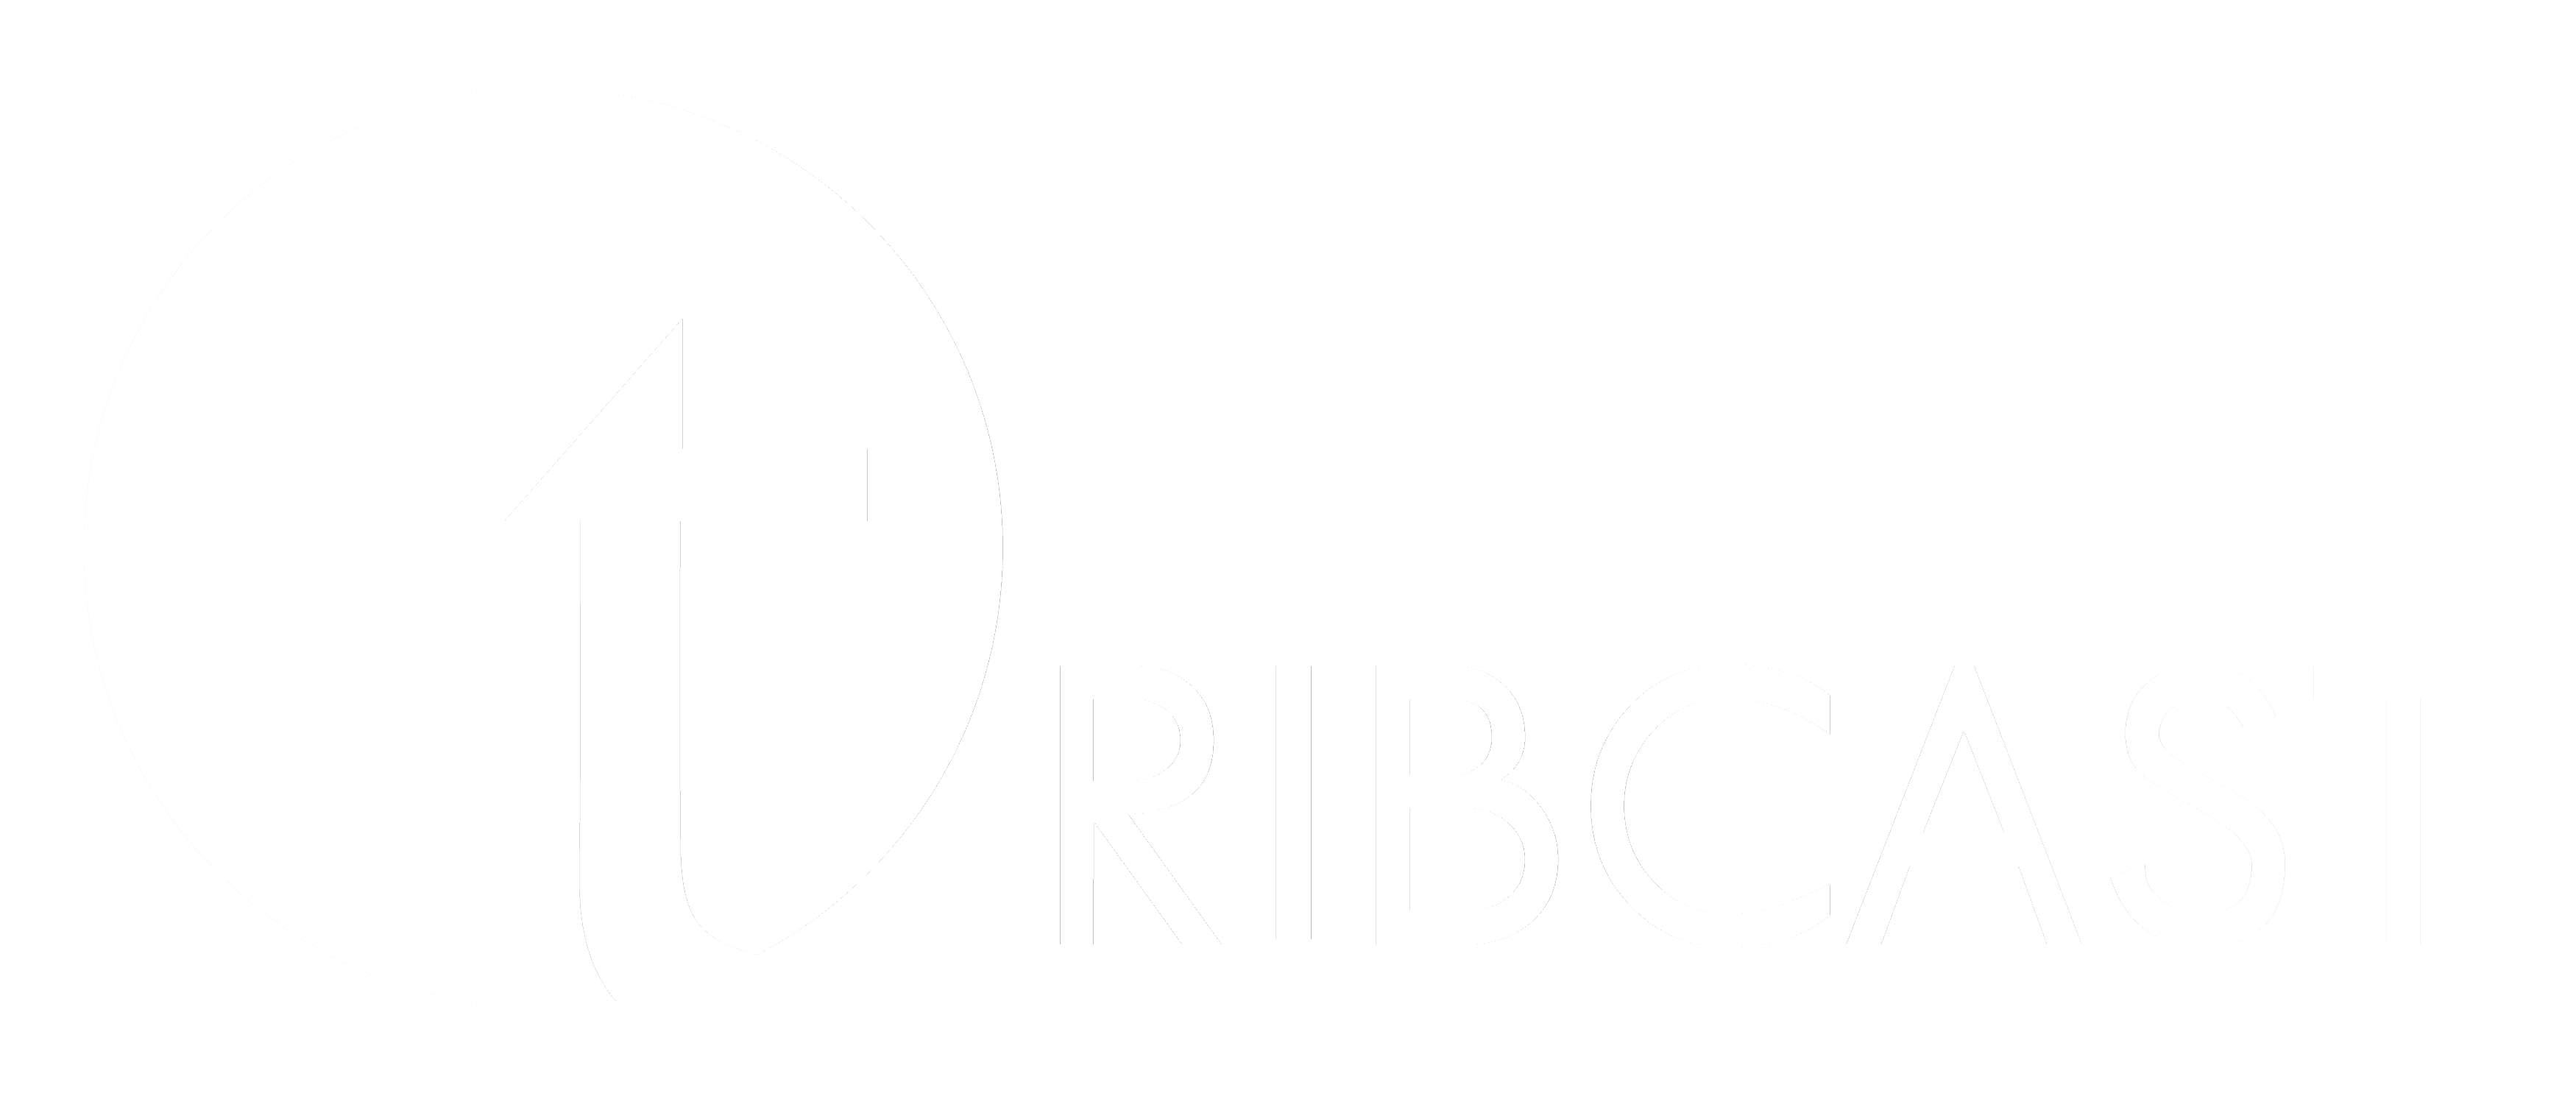 Tribcast Logo